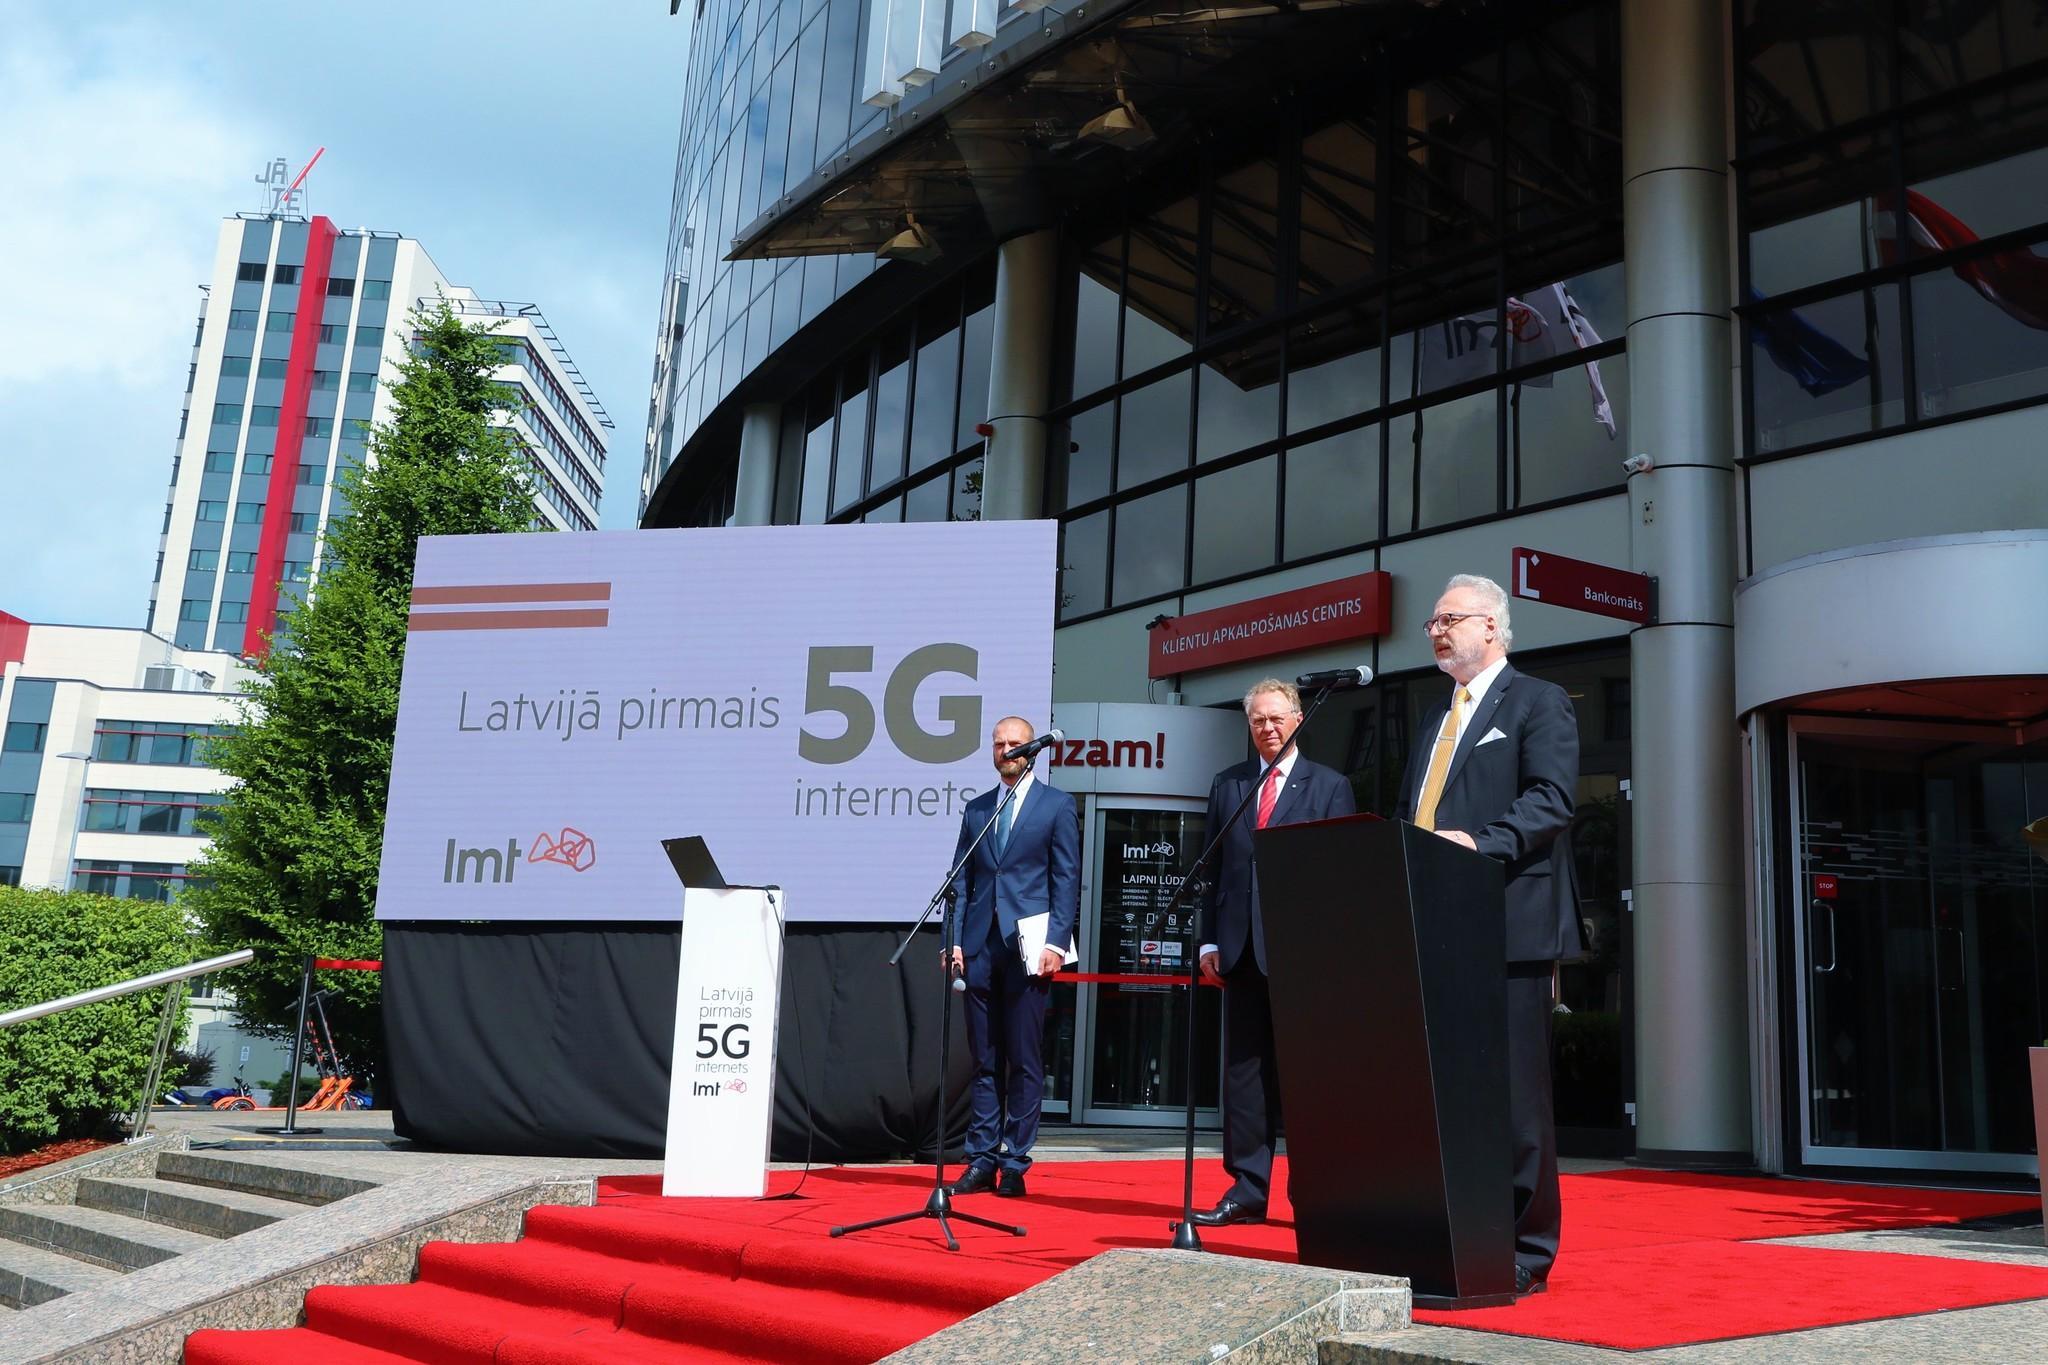 Что такое 5G? Новые возможности или гибель человечества?